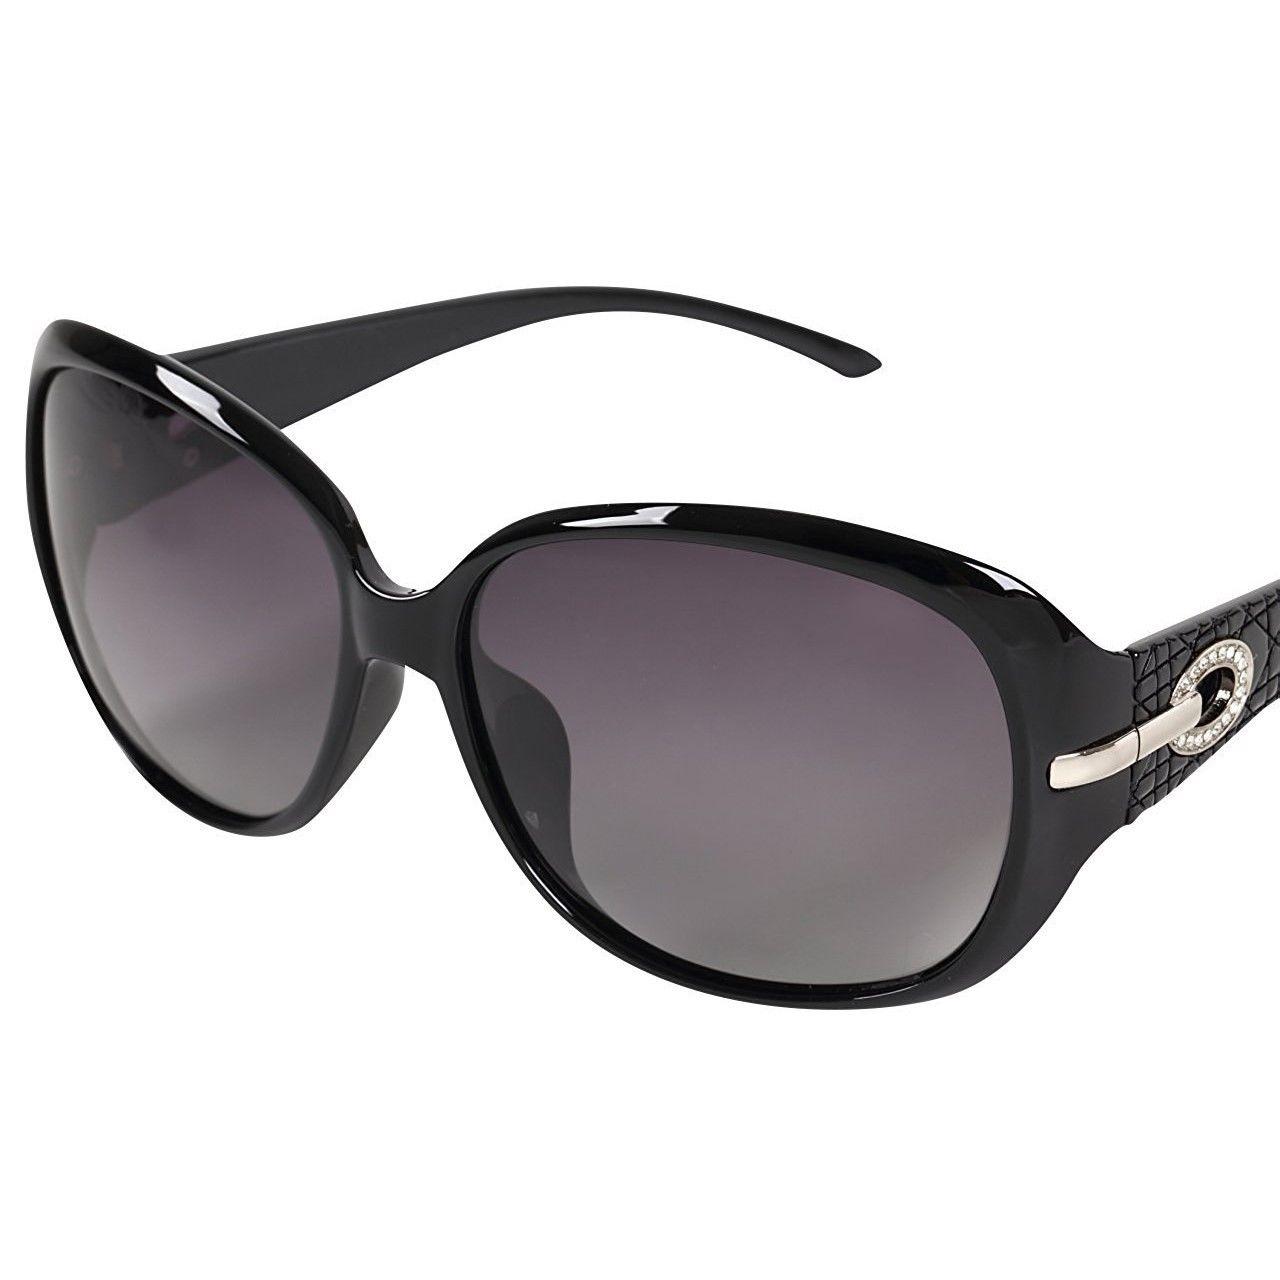 レディース サングラス バタフライ UV400 紫外線 カット率99.9 % UVカット 偏光レンズ (7ブラック)